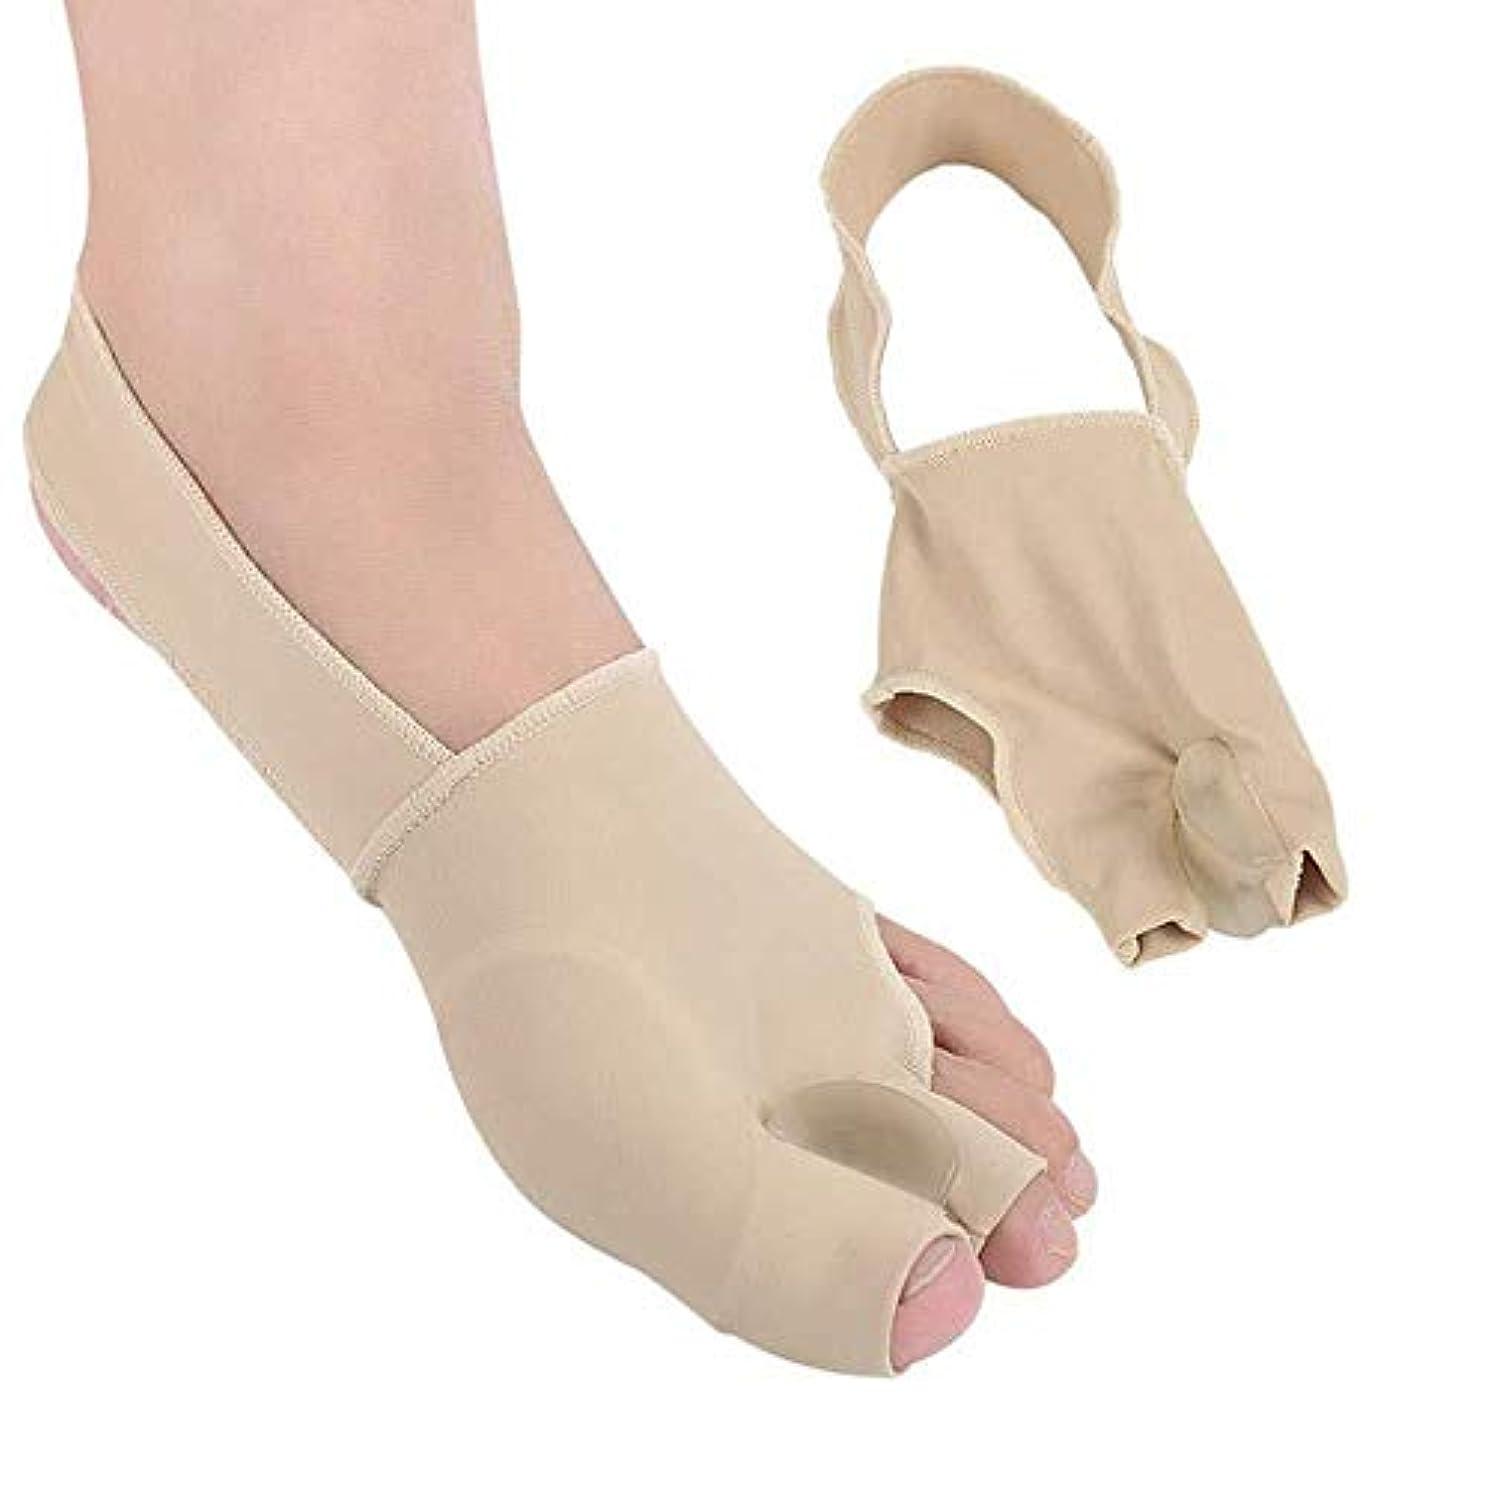 バルク寛容な記念碑つま先セパレーター、足の痛みを緩和する運動の治療のための超薄型整形外科のつま先の外反母supportサポート,S